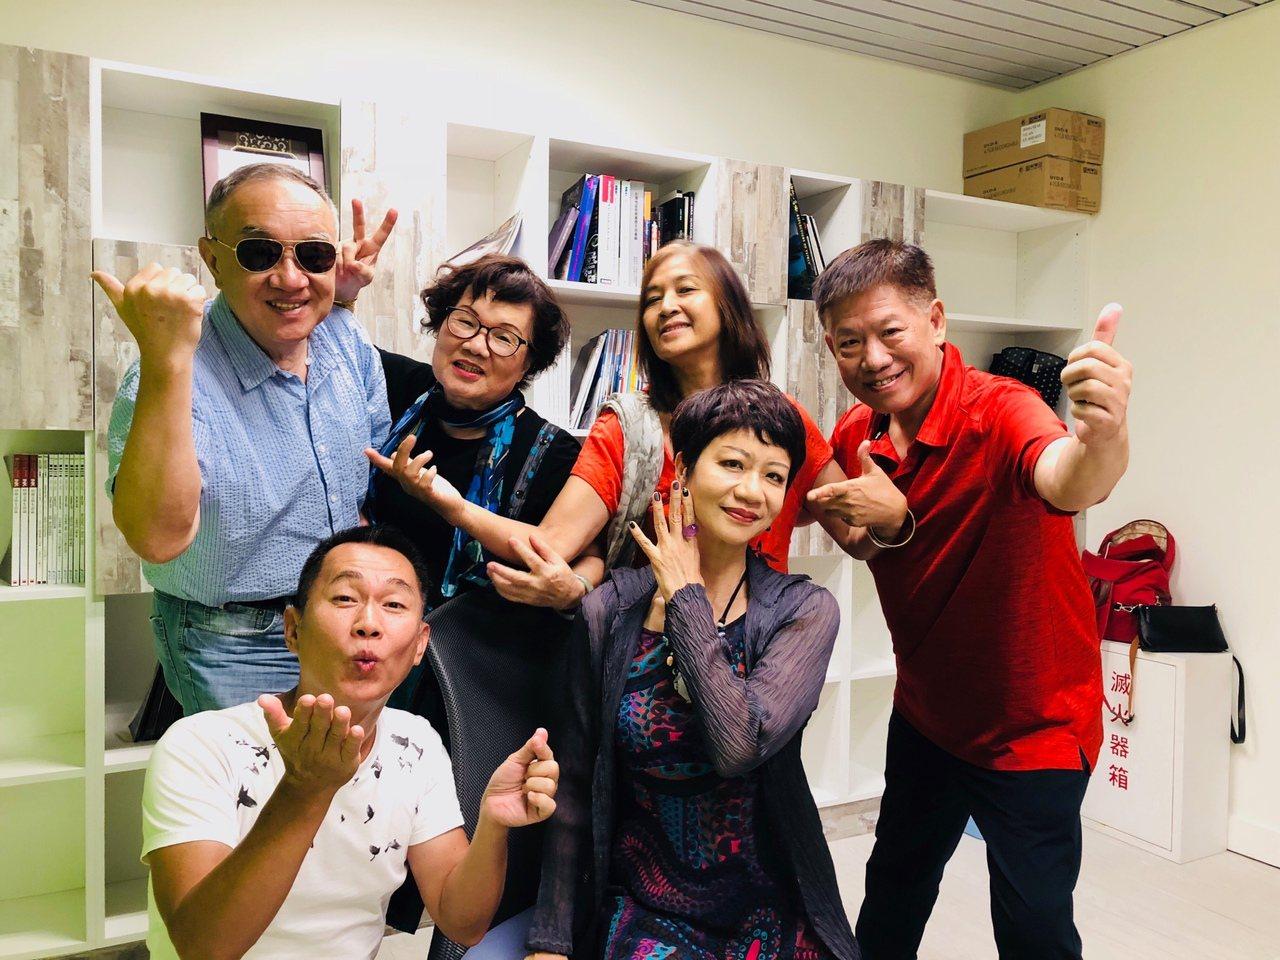 台灣版《我所經歷的性事》,共六位60歲以上素人演員參與。記者何定照/攝影